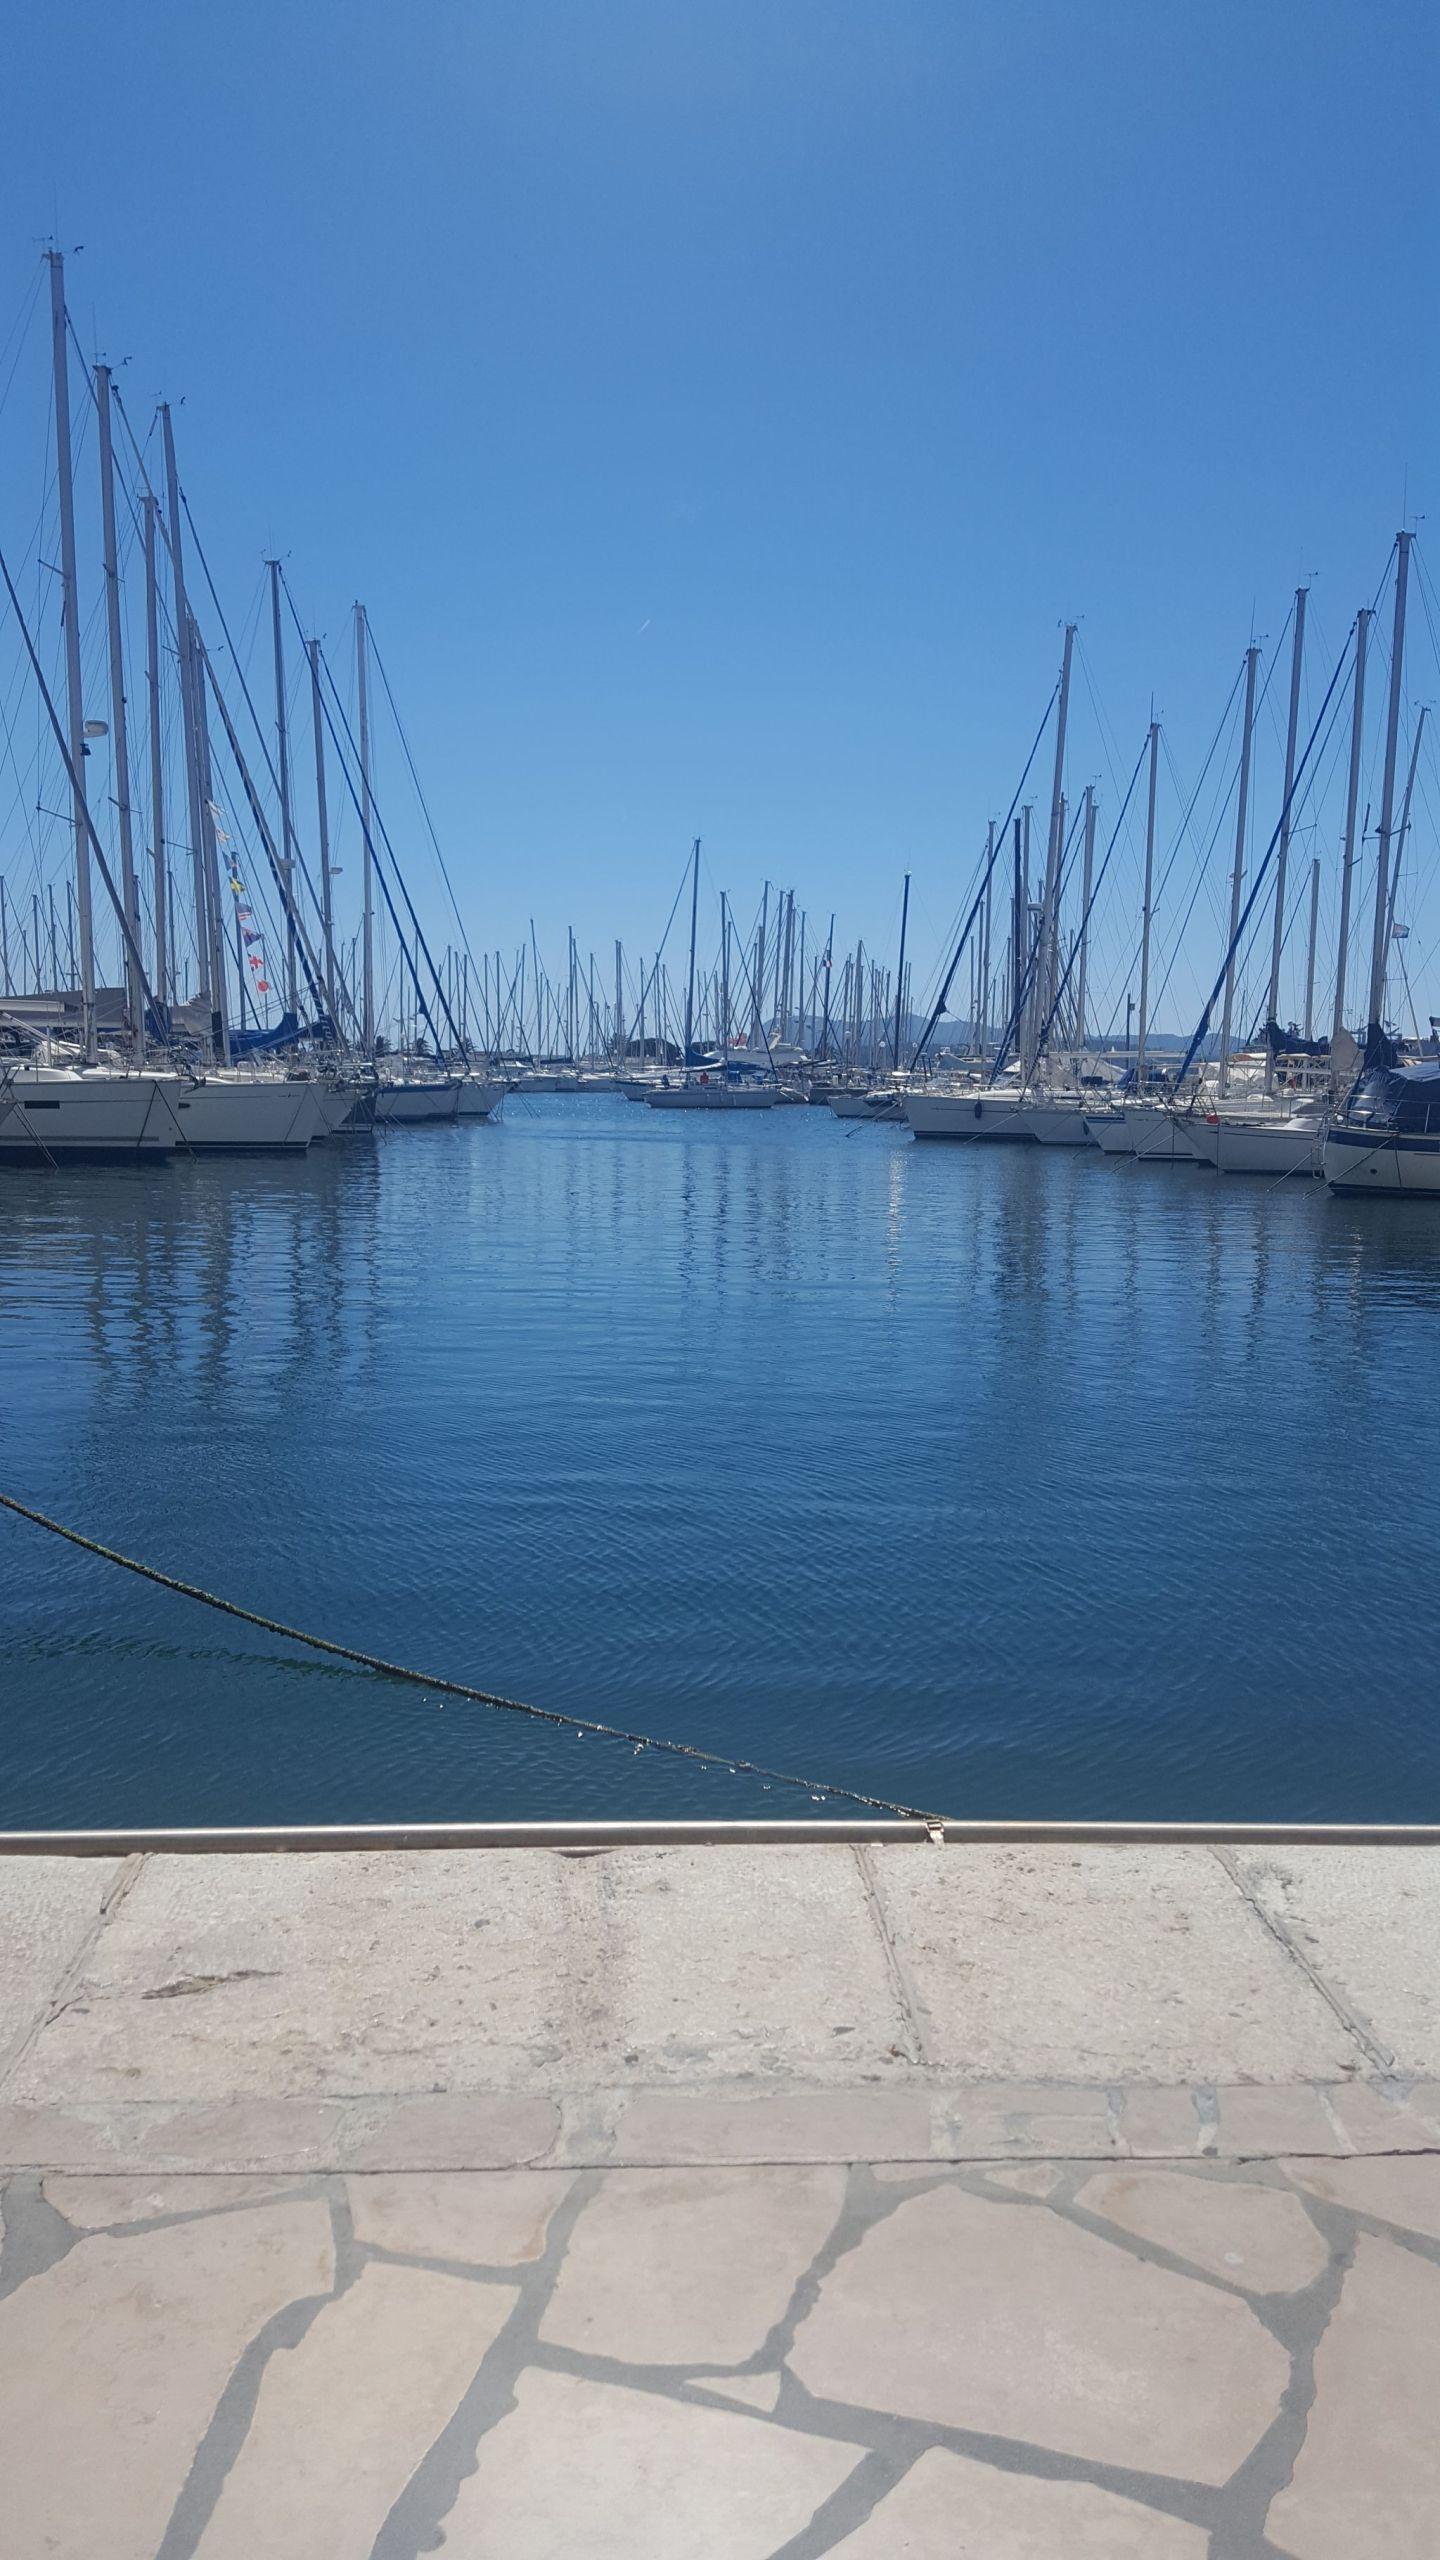 South of France marina